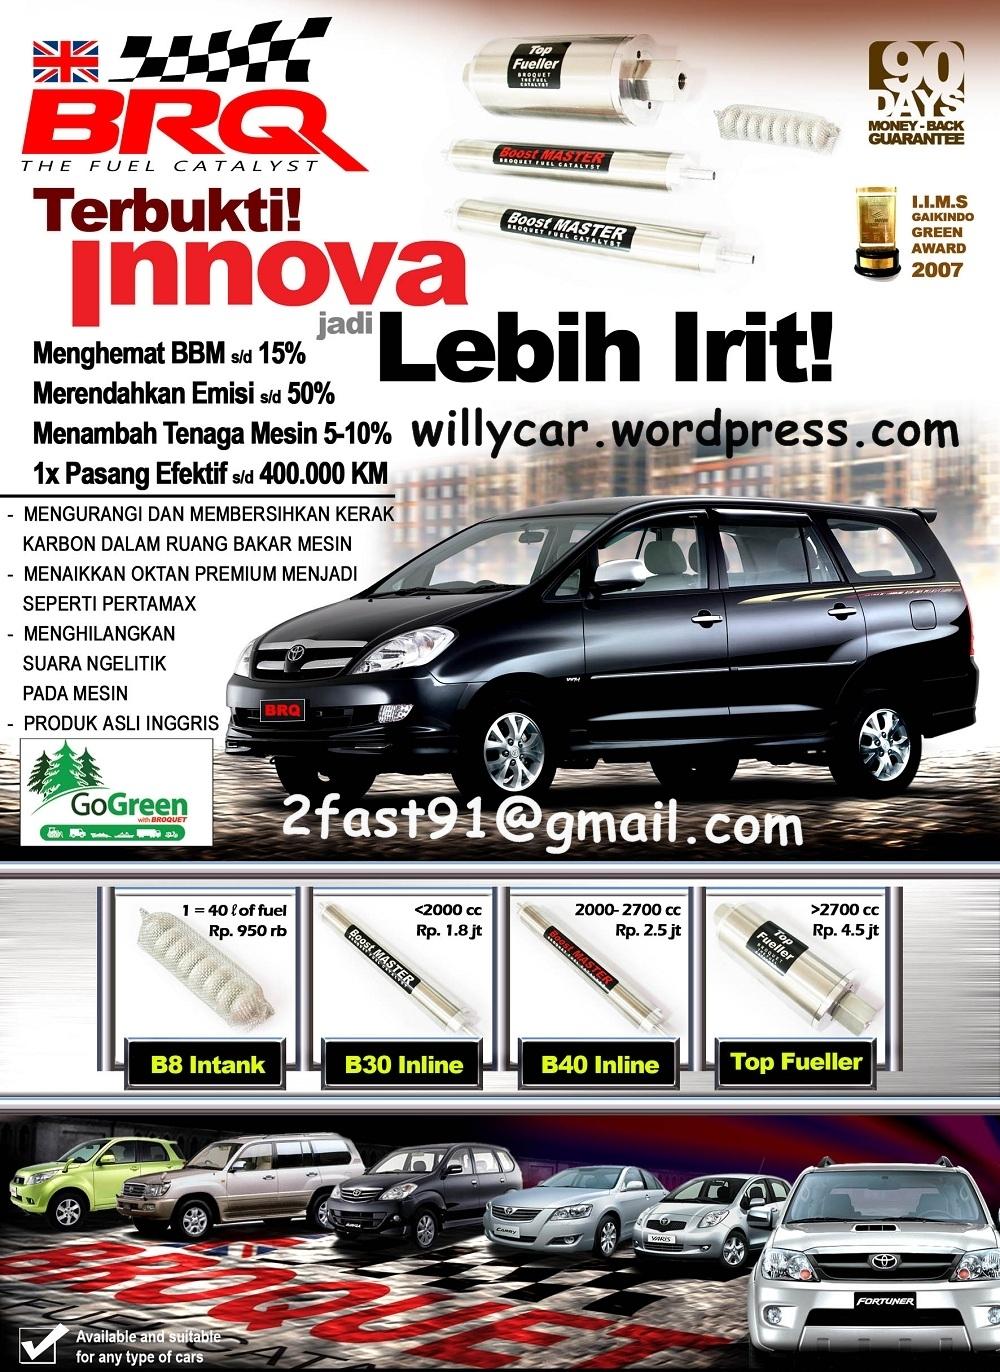 konsumsi bbm all new kijang innova diesel toyota yaris trd 2017 indonesia boros kurang tenaga saya ada solusinya drive by brosur depan edit harga